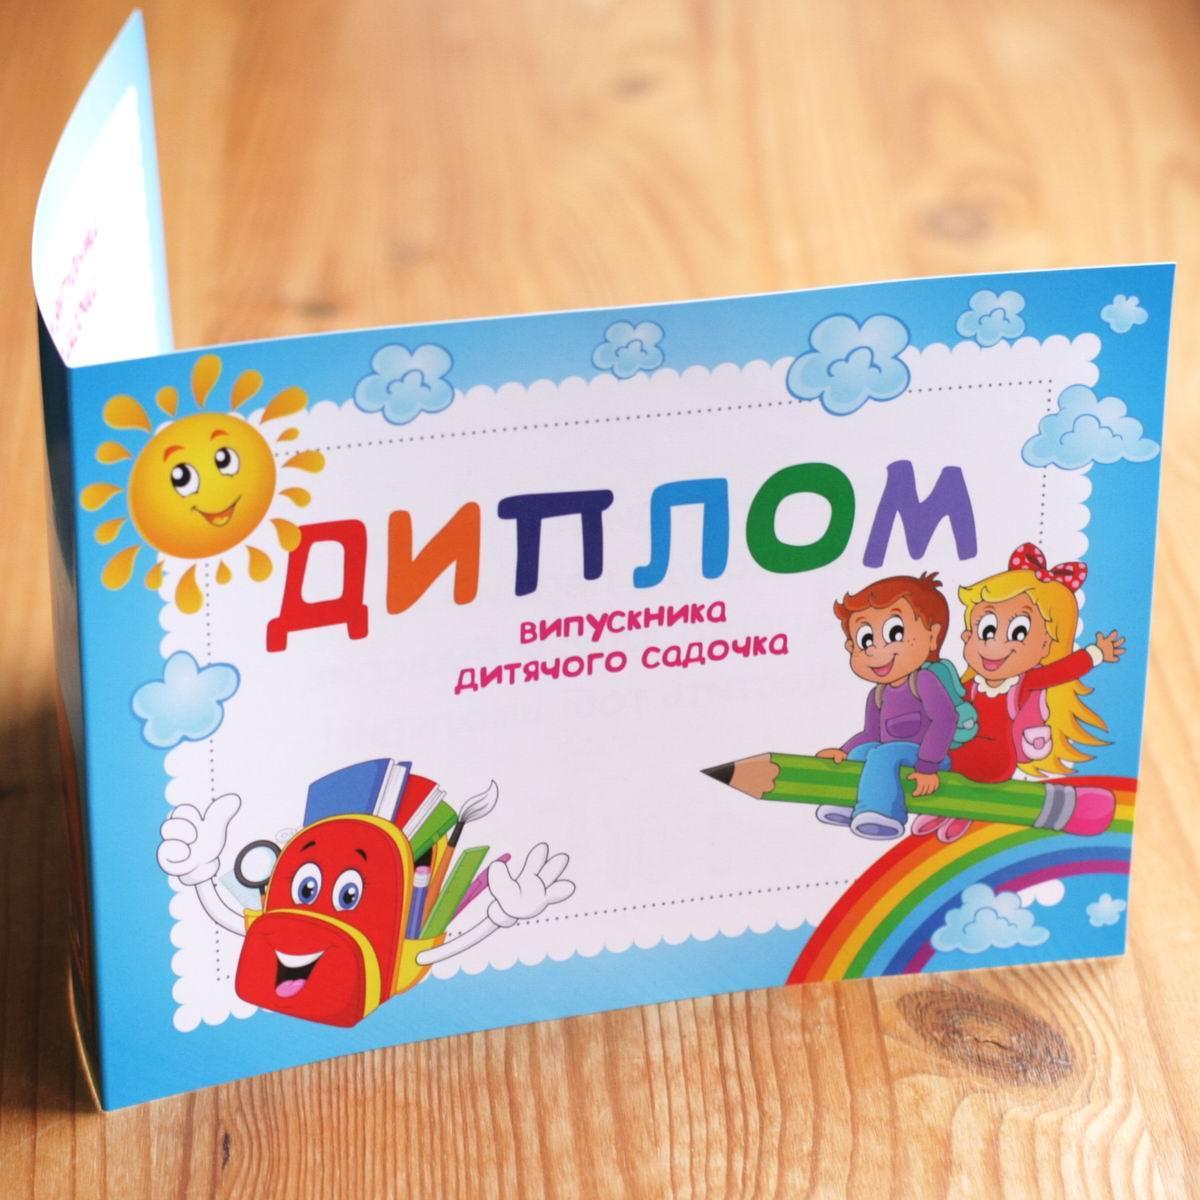 Диплом-открытка выпускника детского сада, Рюкзачок